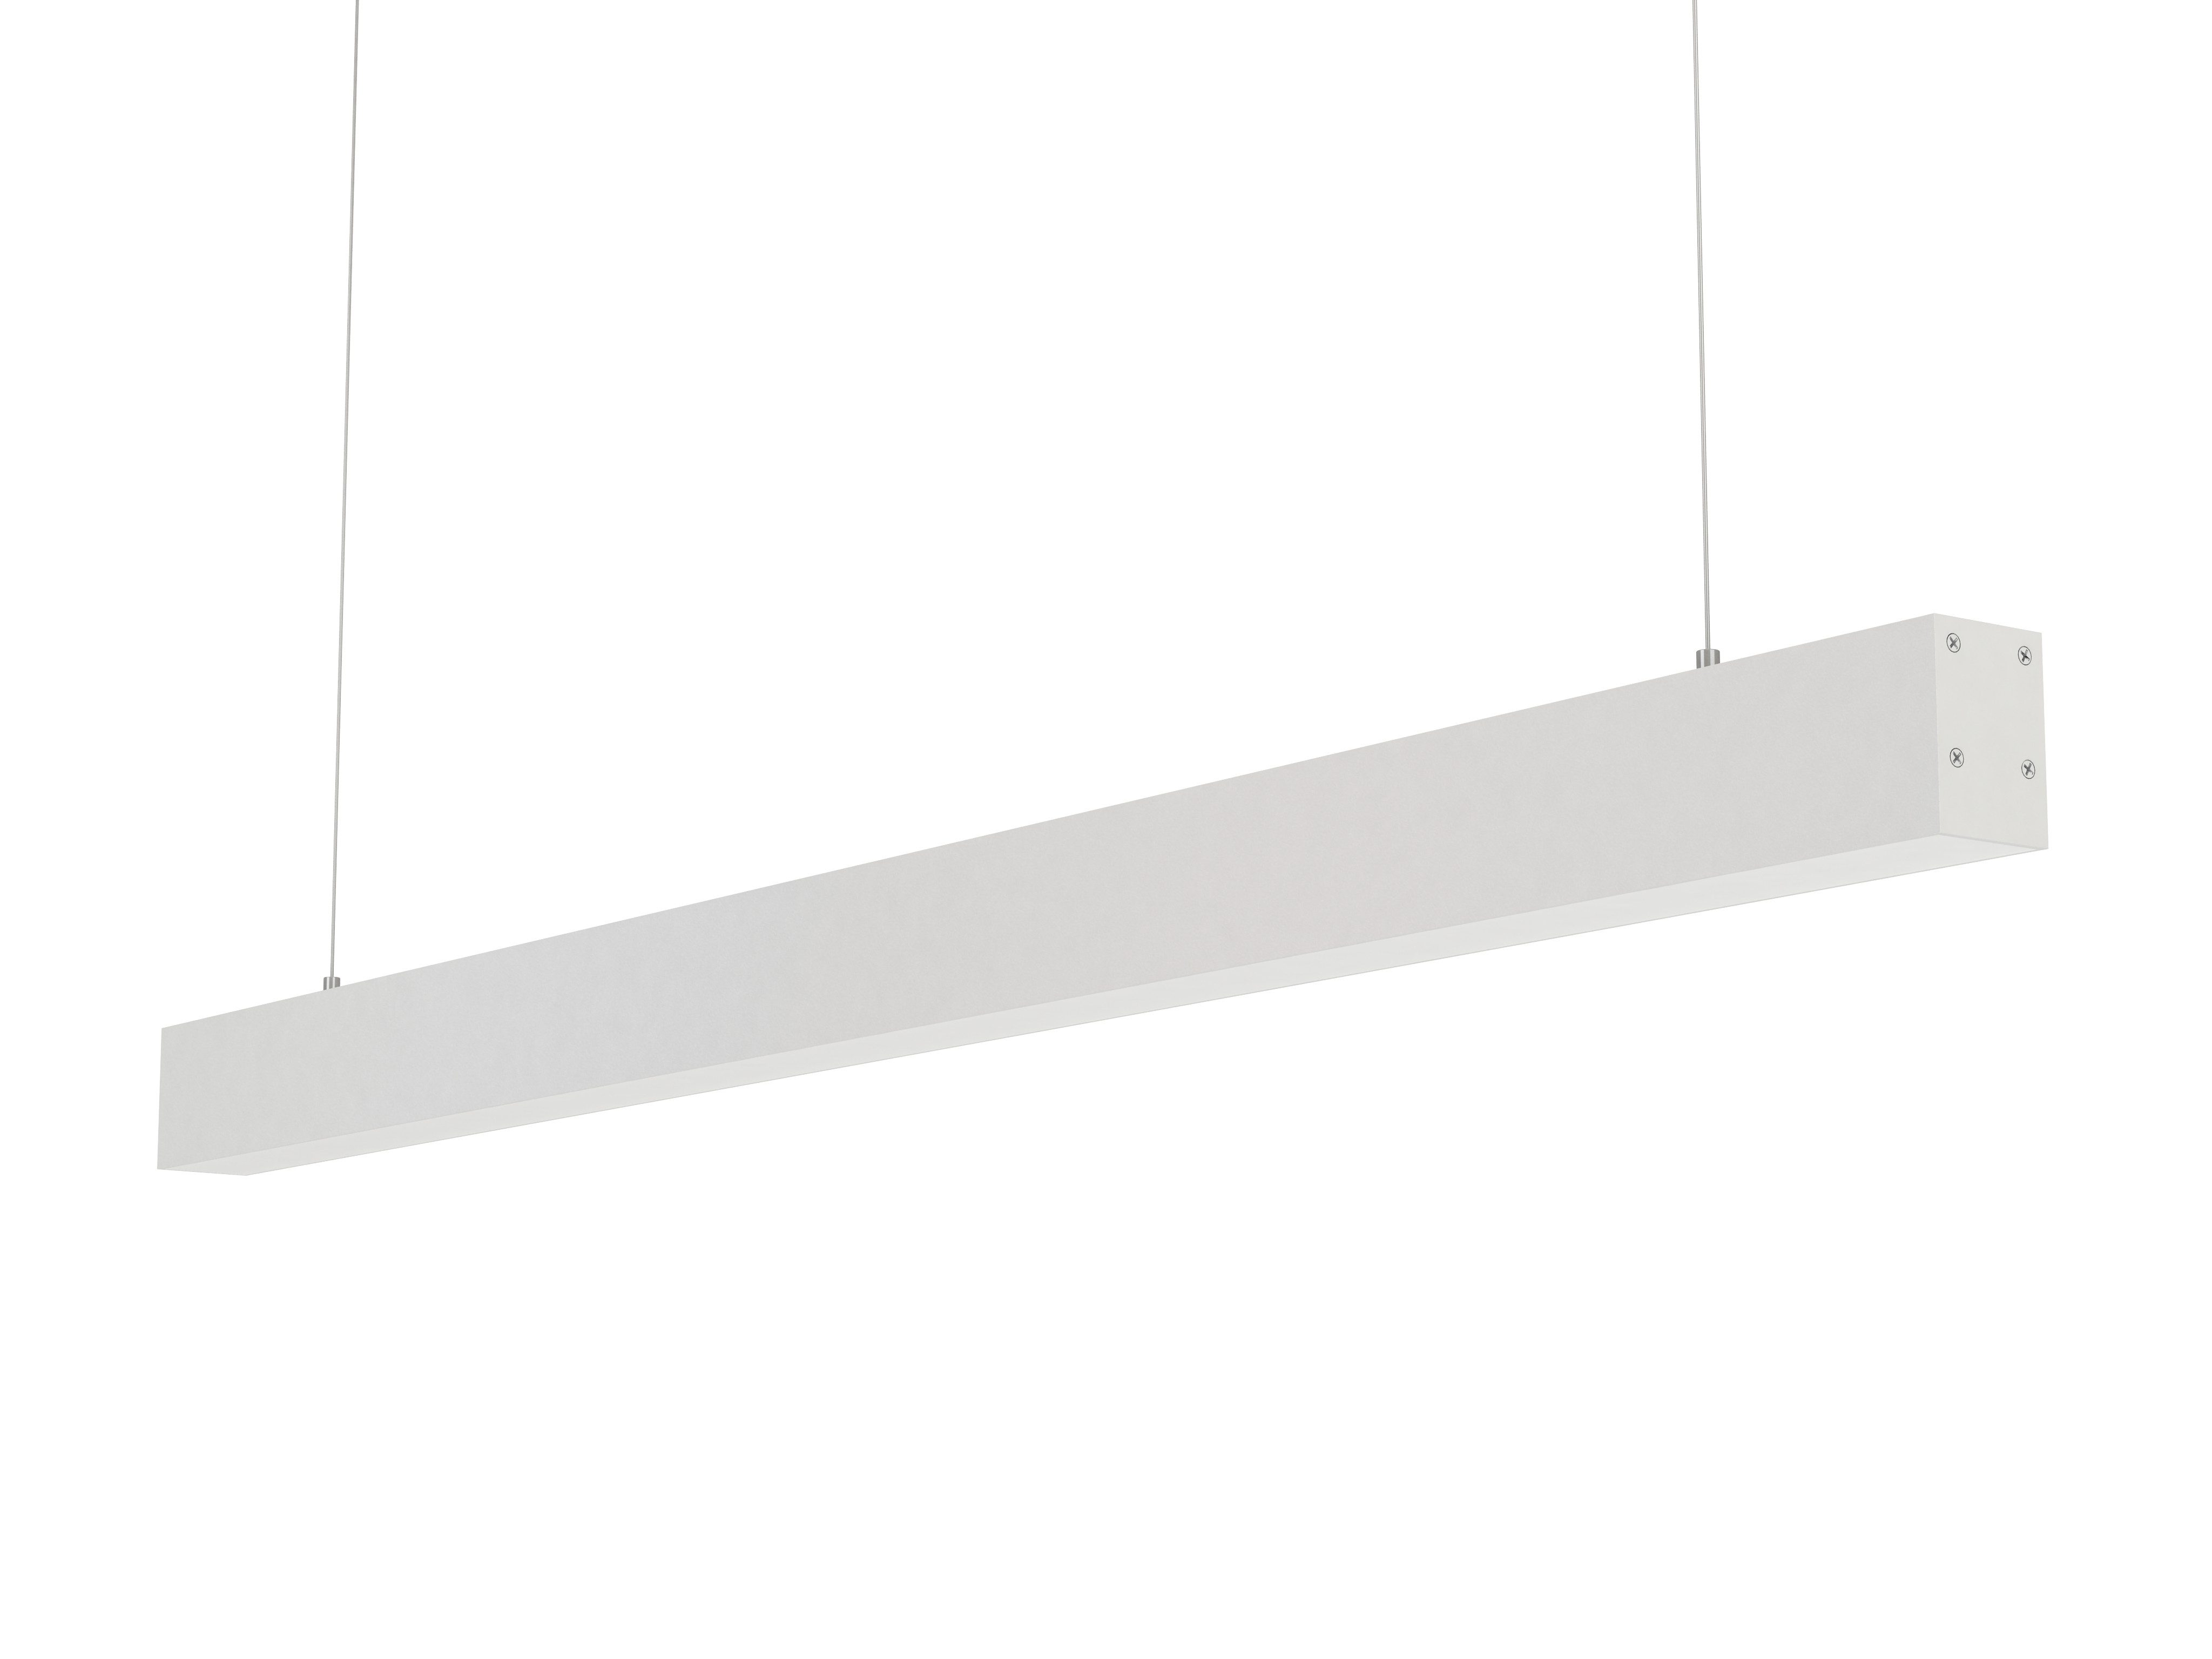 LED Linear Lighting STL137